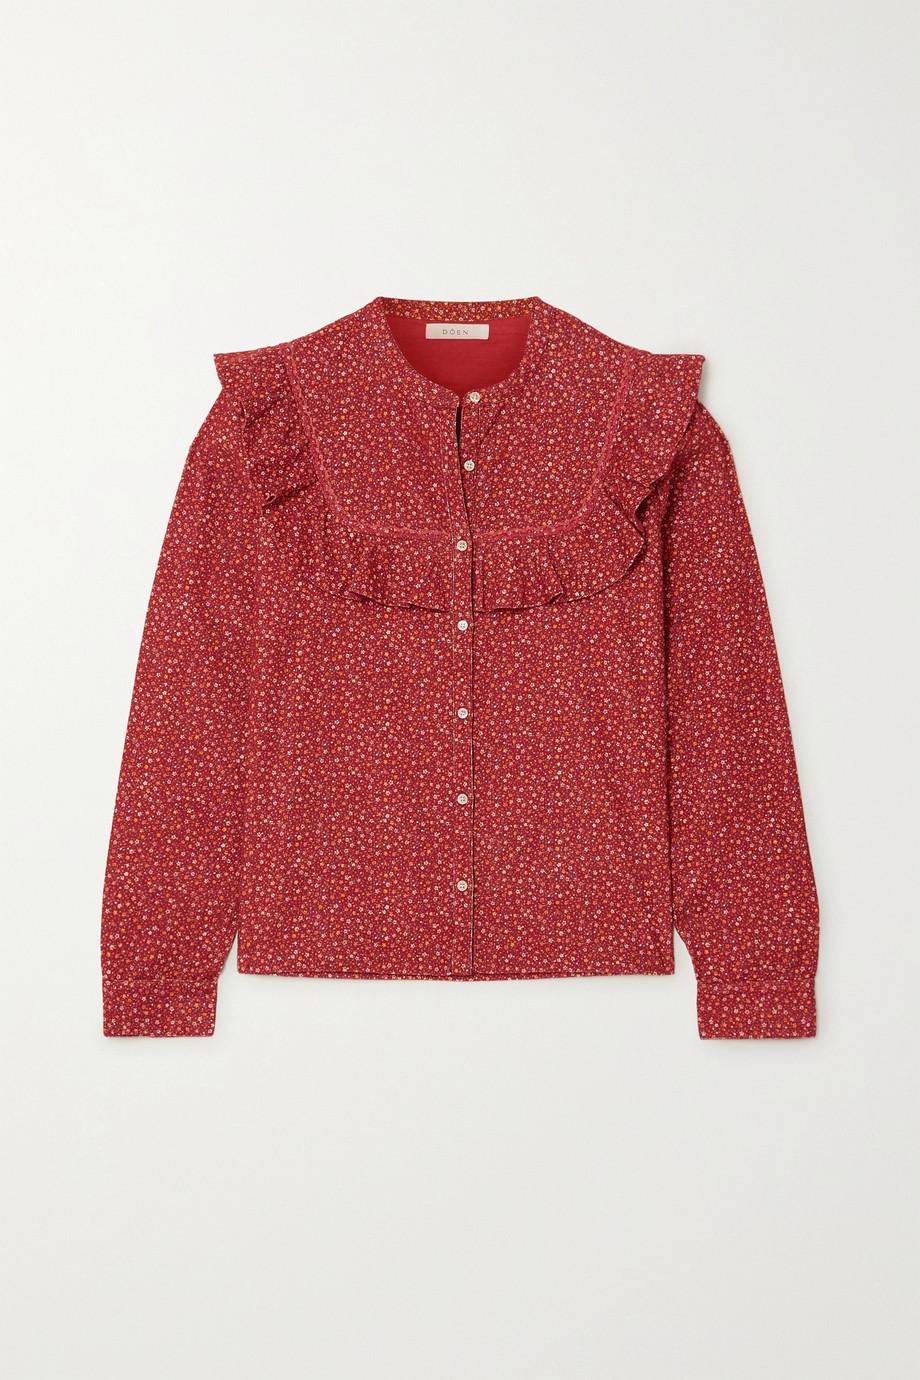 DÔEN Austen ruffled floral-print cotton-corduroy blouse